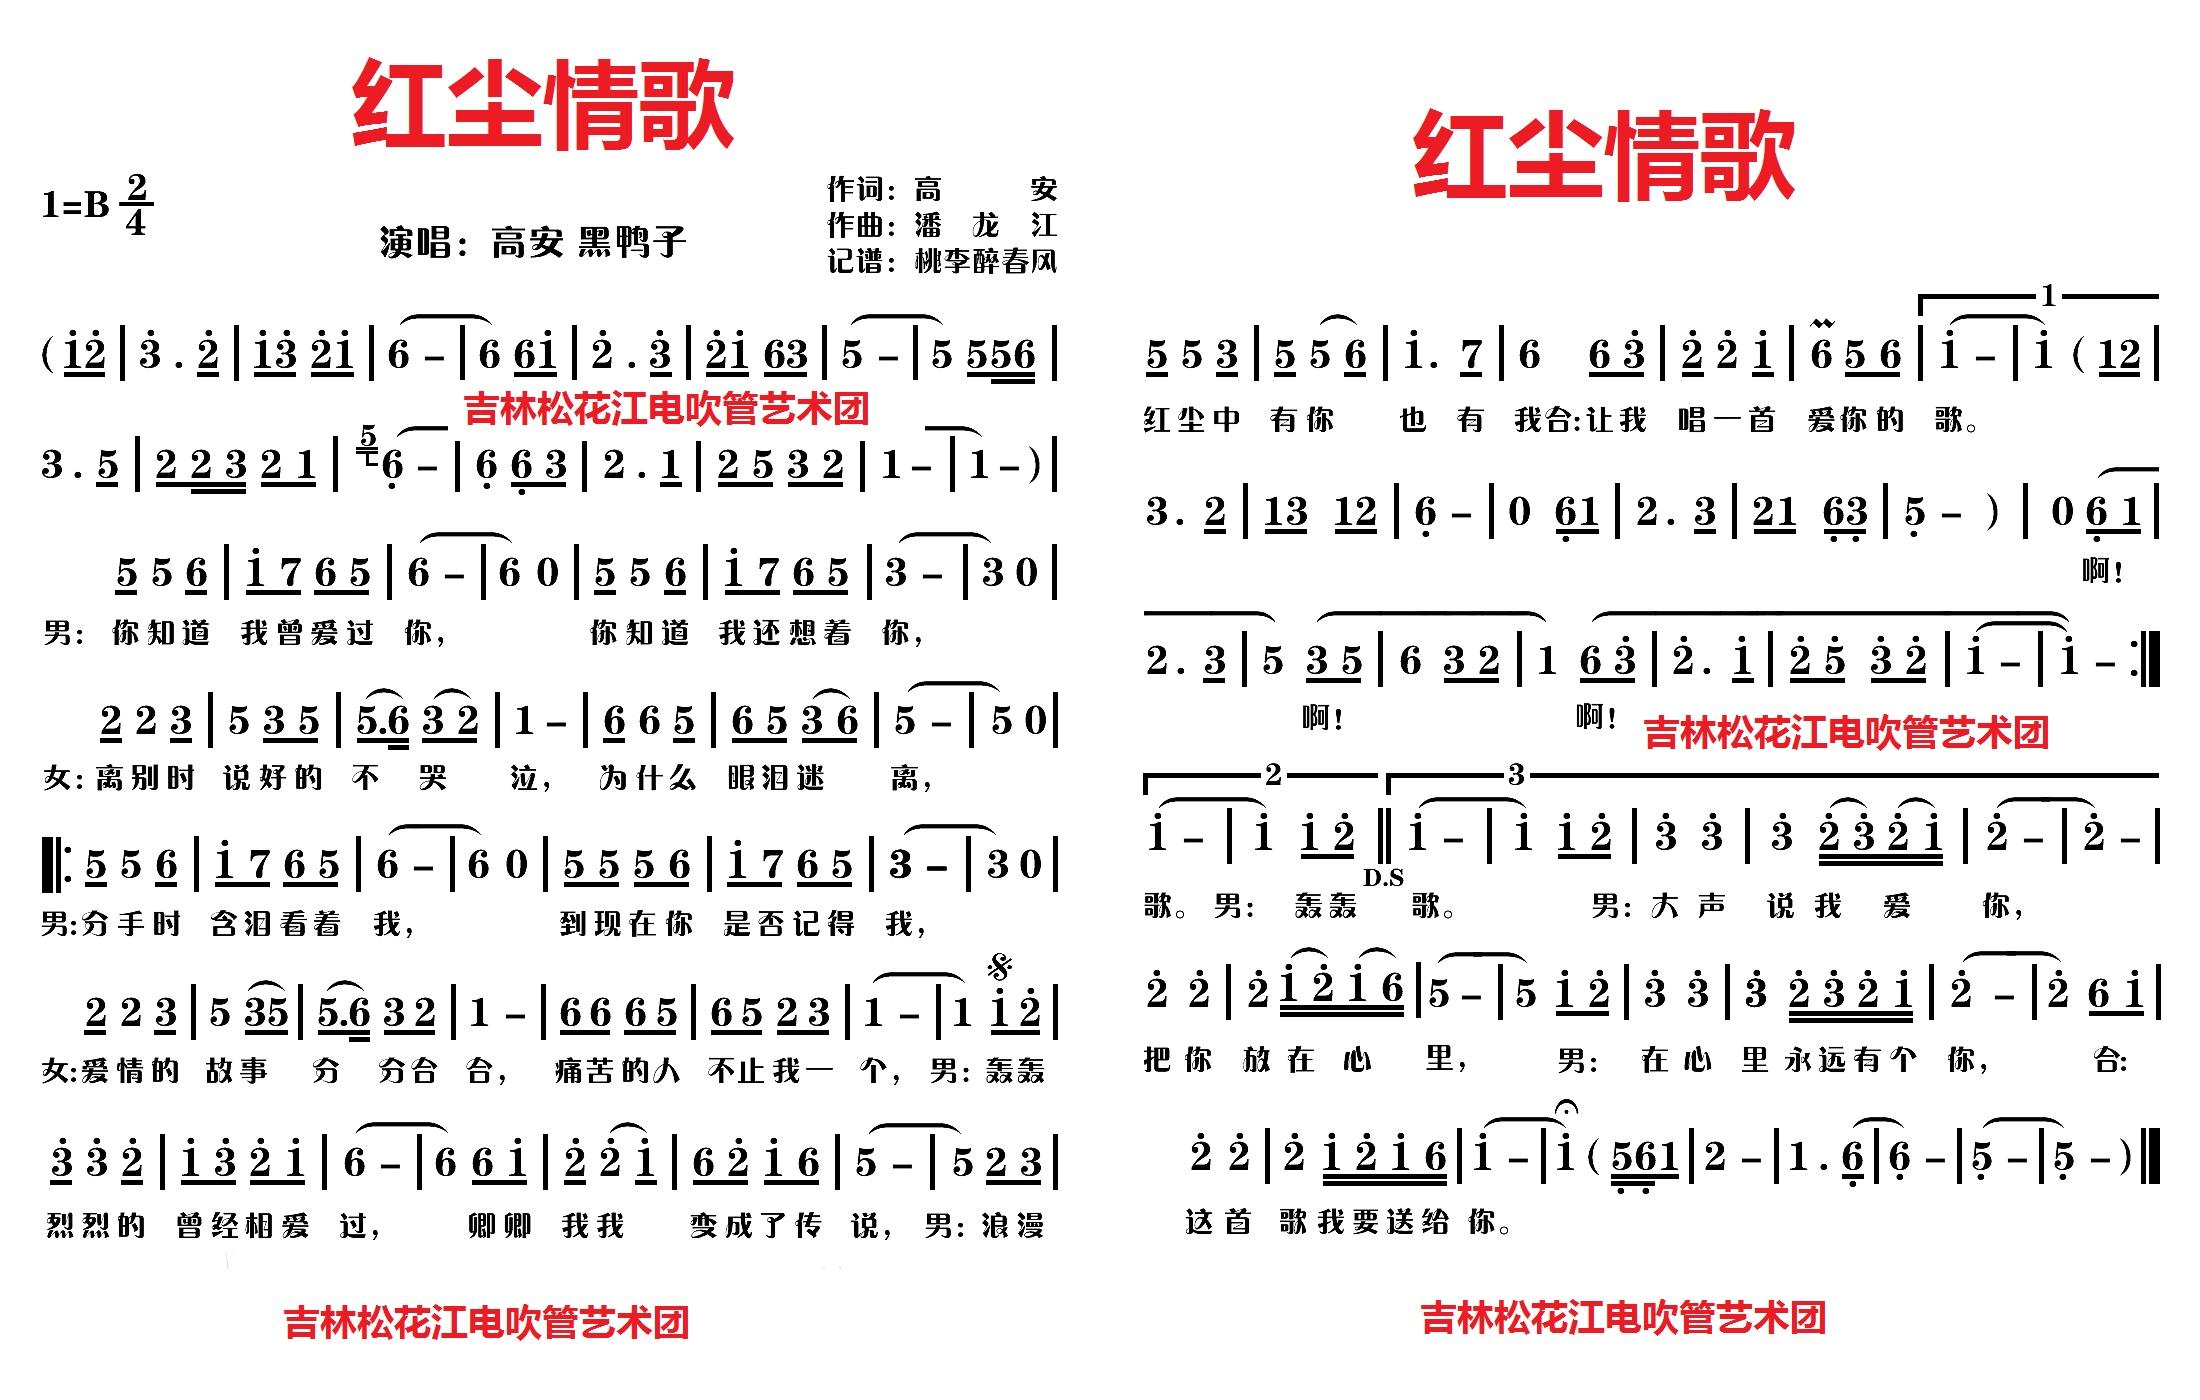 《红尘情歌》罗兰ae-10音色028小提琴丁虹2018_11_15